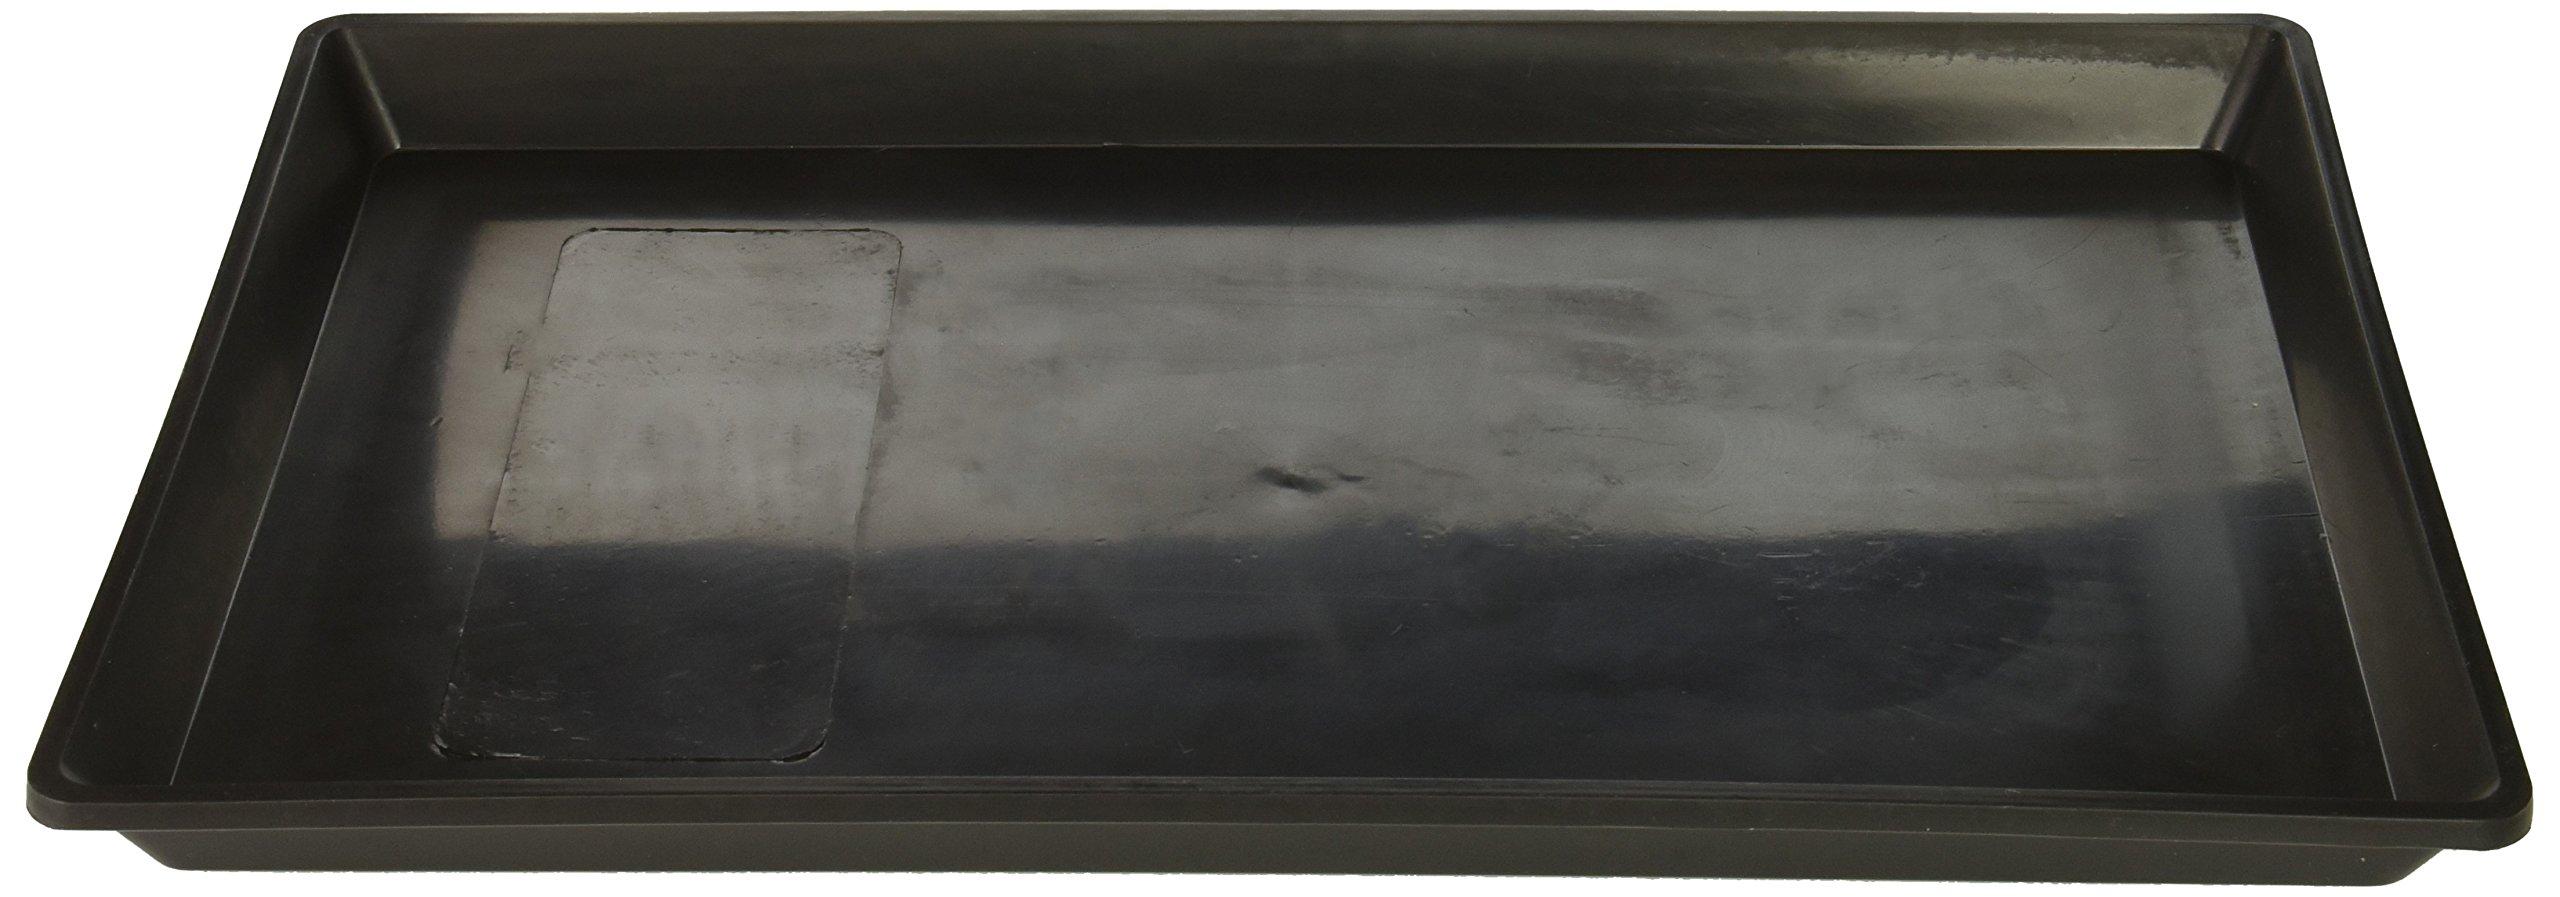 Pet Tek DPK86101 Dream Crate Professional Series 100 Replacement Dog Crate Pan, Black